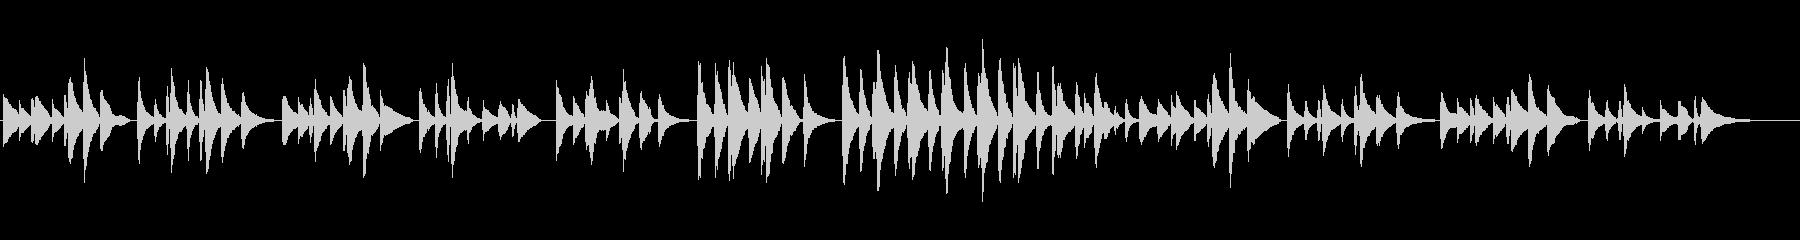 クラシックピアノ「お人形の葬式」の未再生の波形